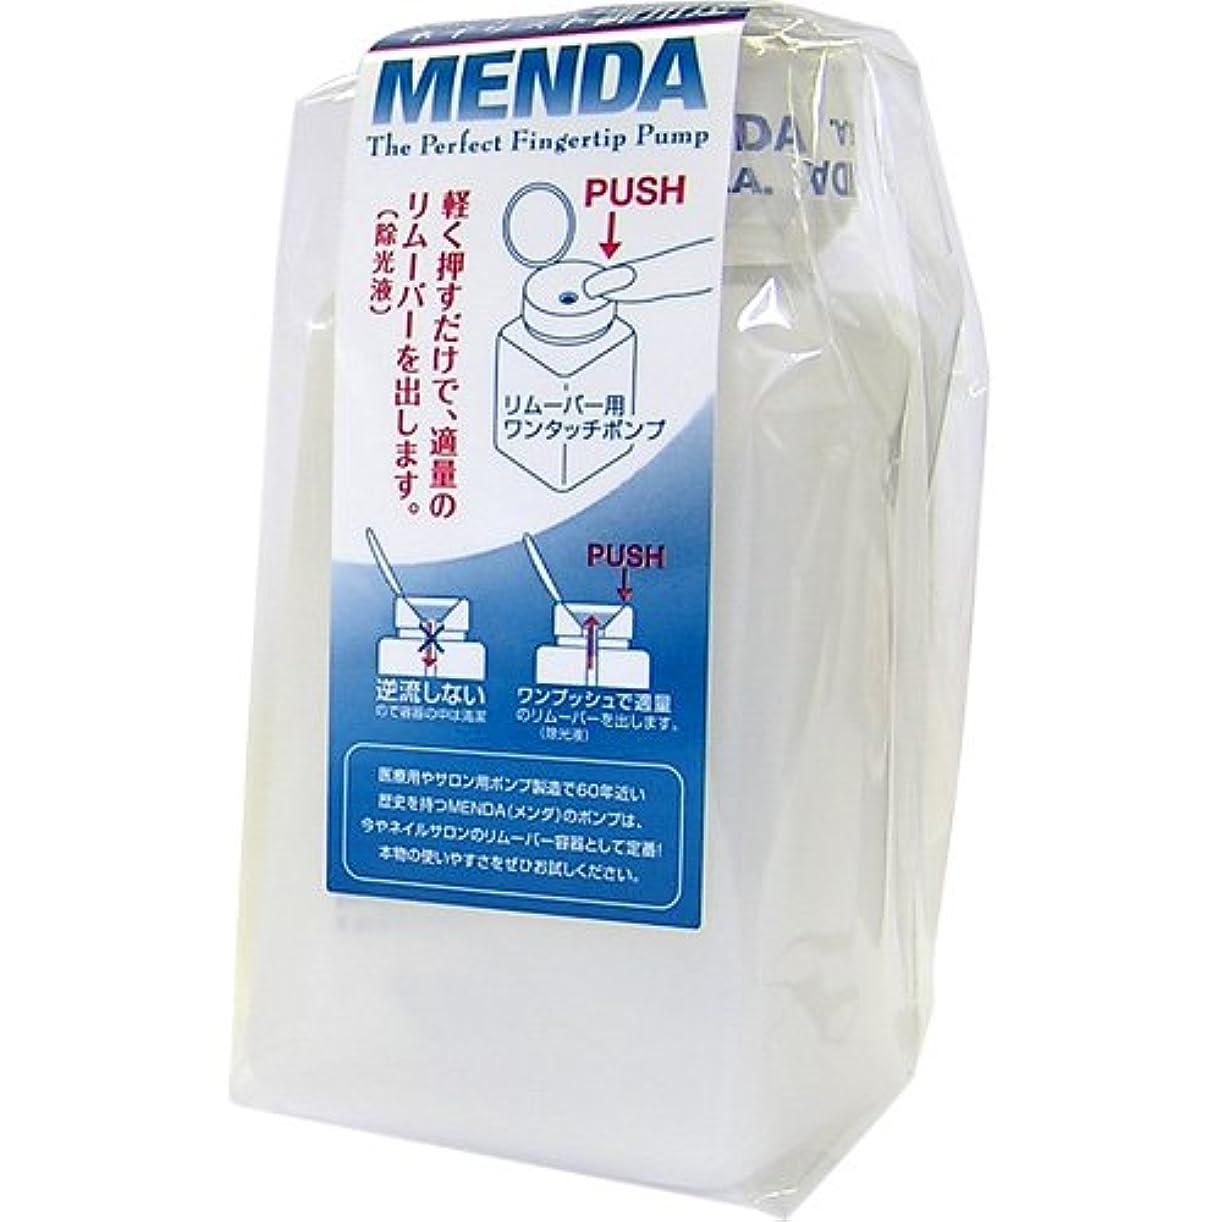 杖れんがに負けるメンダ<MENDA>リムーバー用ワンタッチポンプ180ml(6oz)